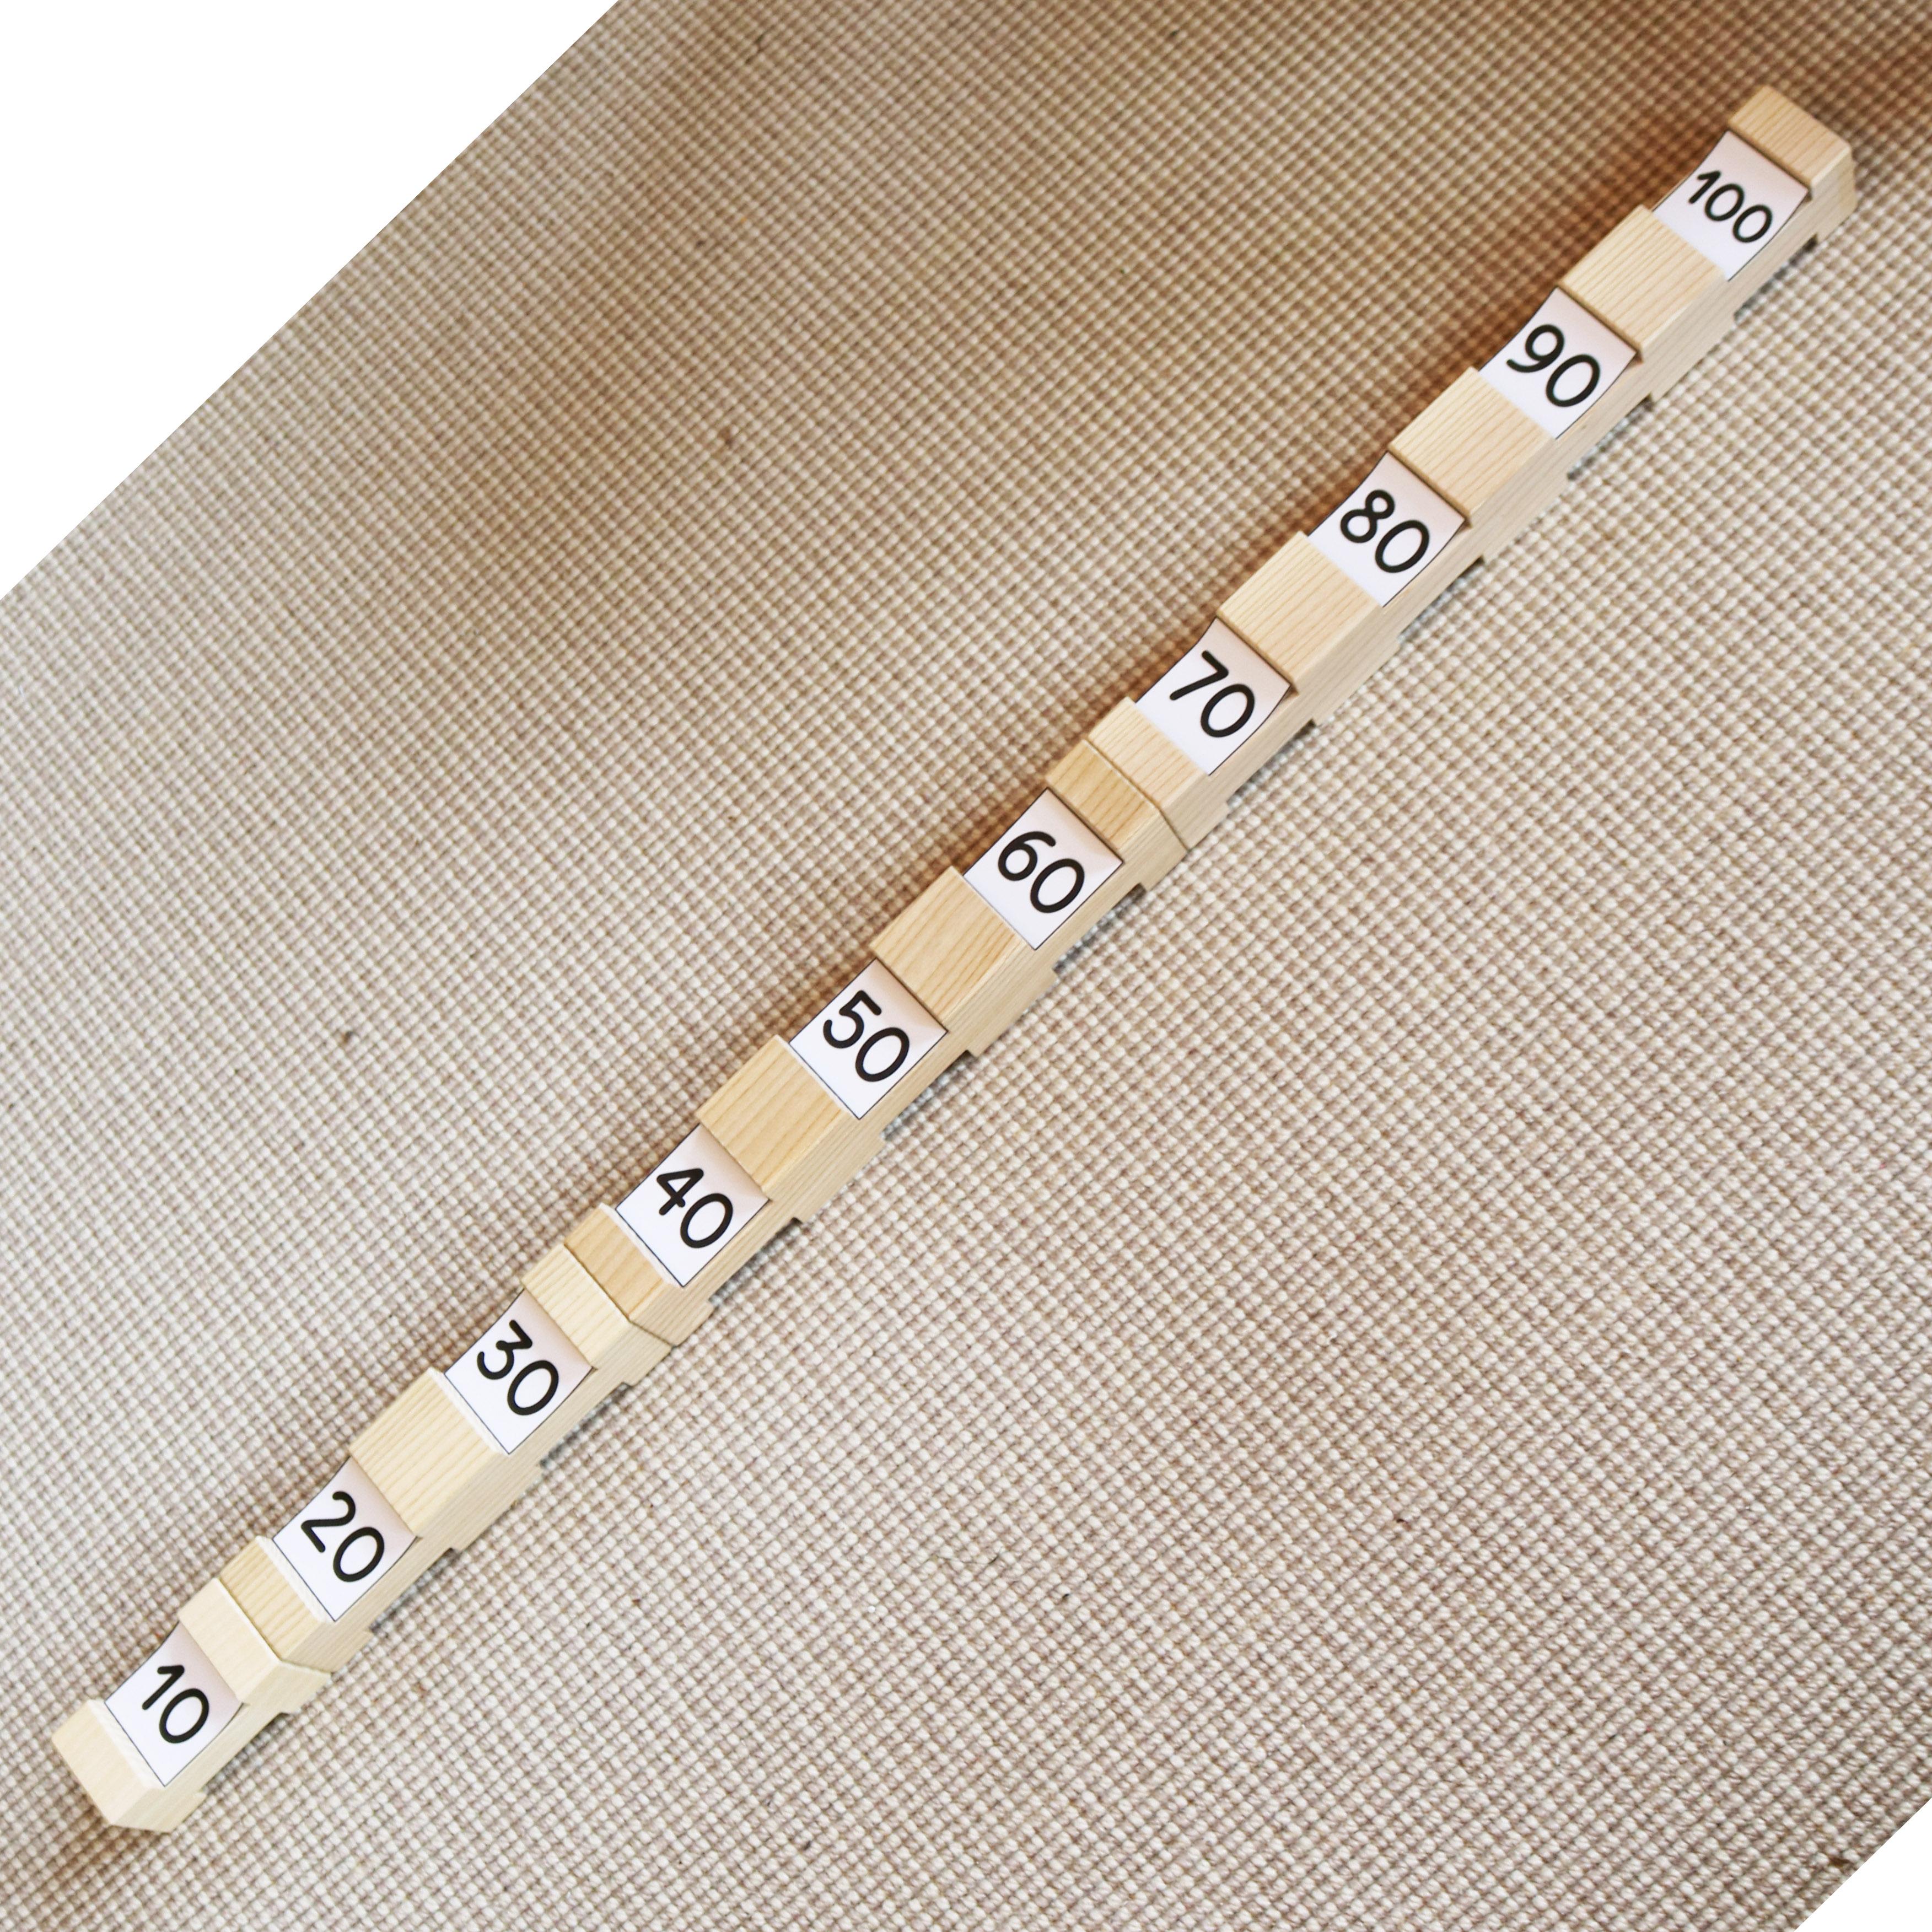 Zahlenkarten 10-100 in Zehnerschritten zum Messen und Rechnen mit den 4/4 Holzbausteinen für Kinder